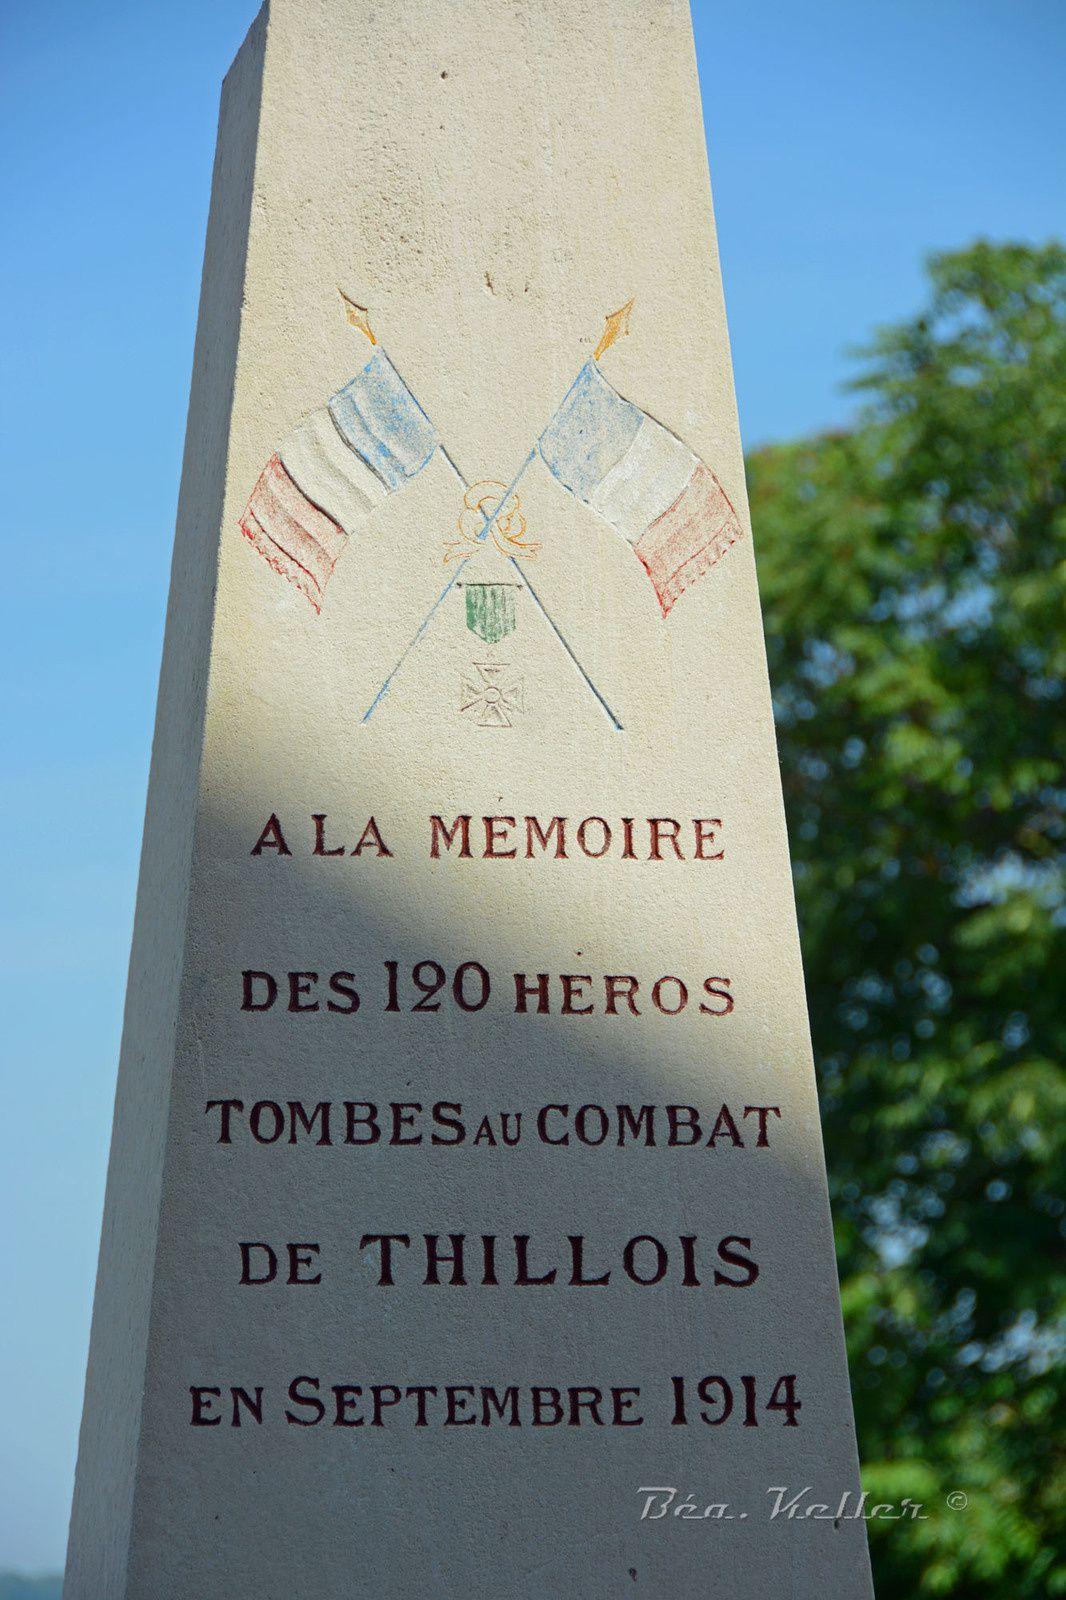 Thillois : le 39e R.I. au combat en septembre 1914